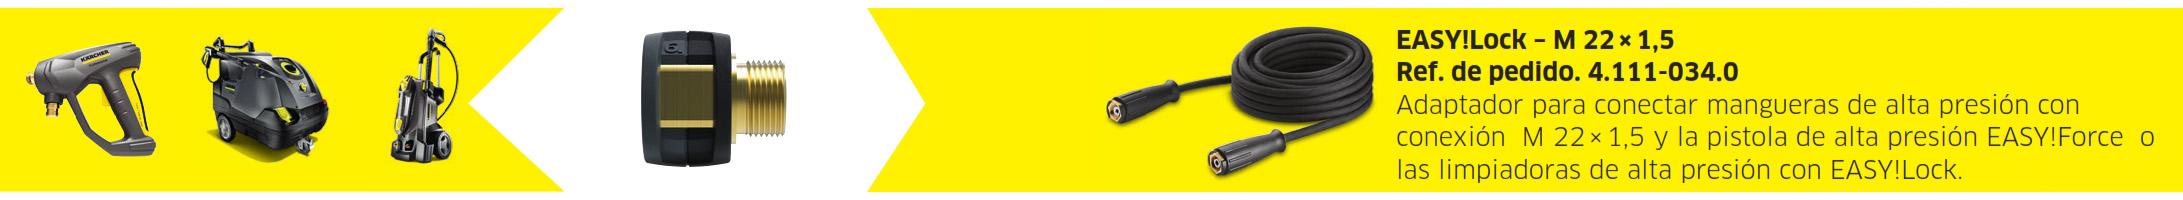 adaptador 6 - Adaptador 6 - De EASY!Lock a Terminación roscada M 22 x 1,5